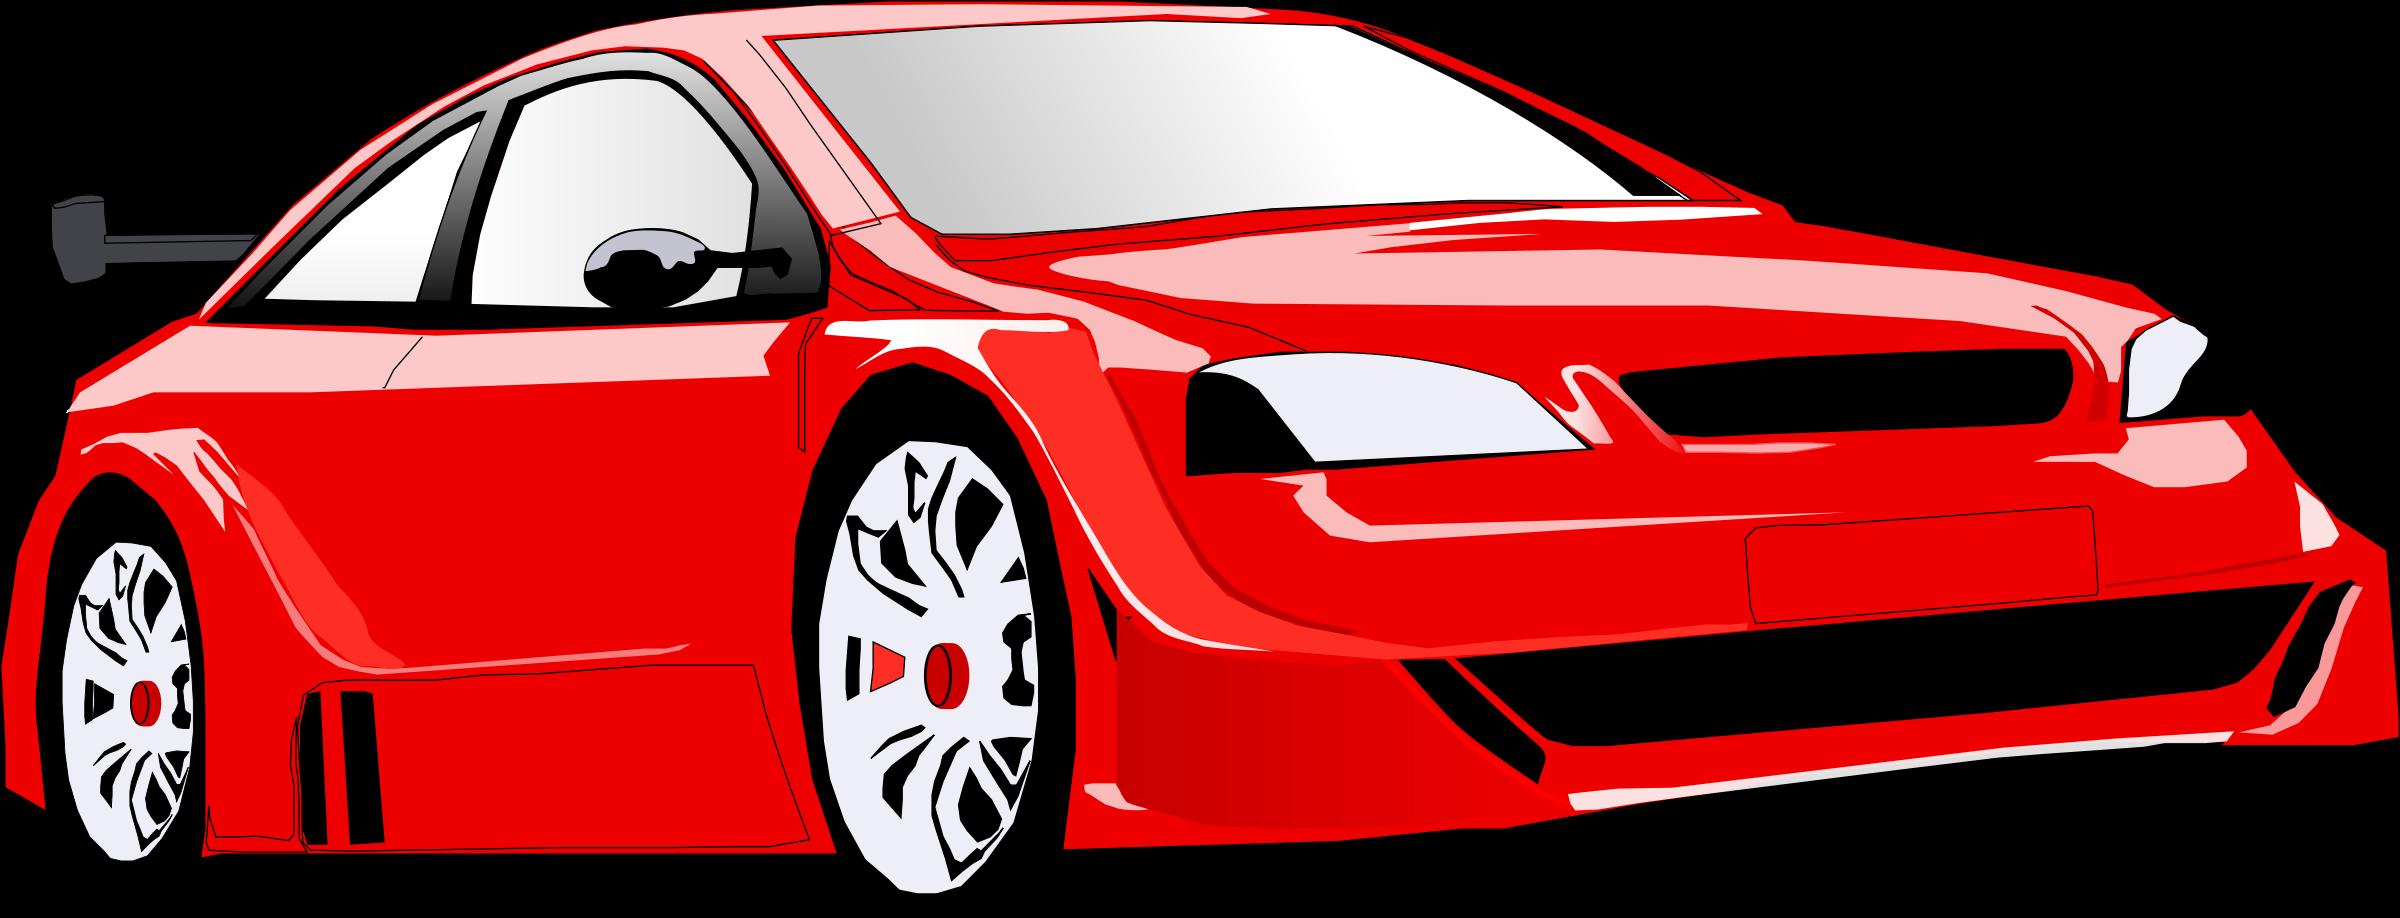 Glass clipart car. Red fast szukaj w